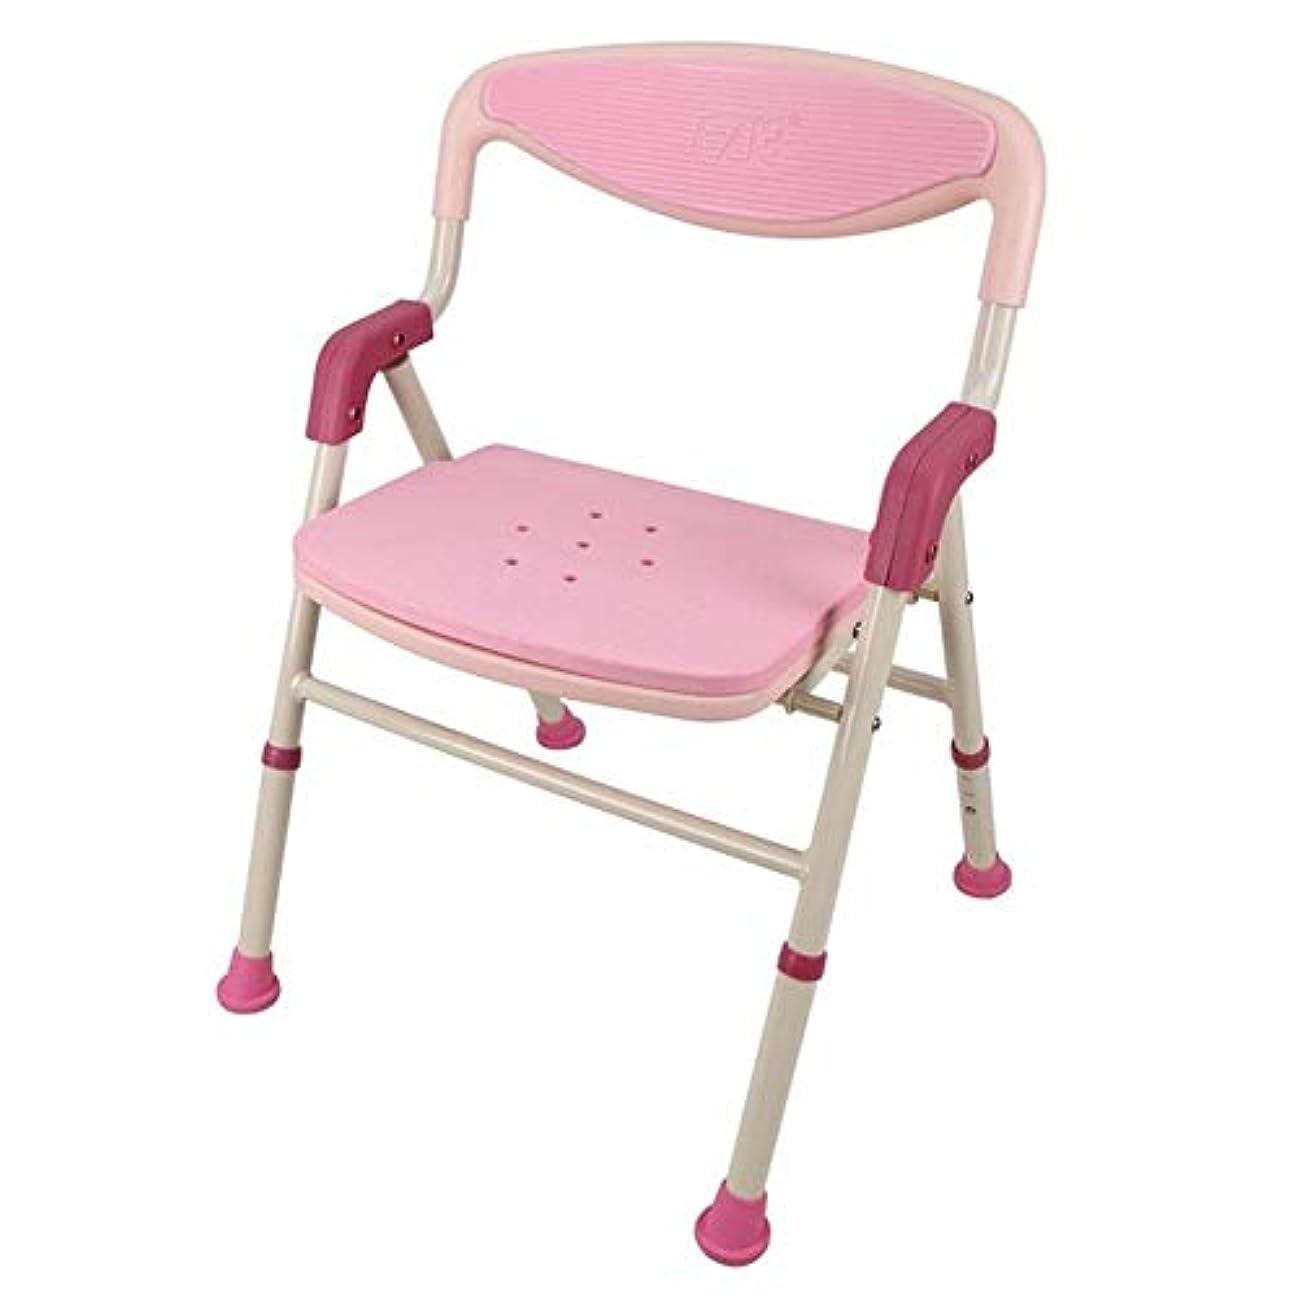 パイントゲストオーストラリア浴室の腰掛けのアルミニウムシャワーの座席椅子の滑り止めの高さの調節可能な障害援助